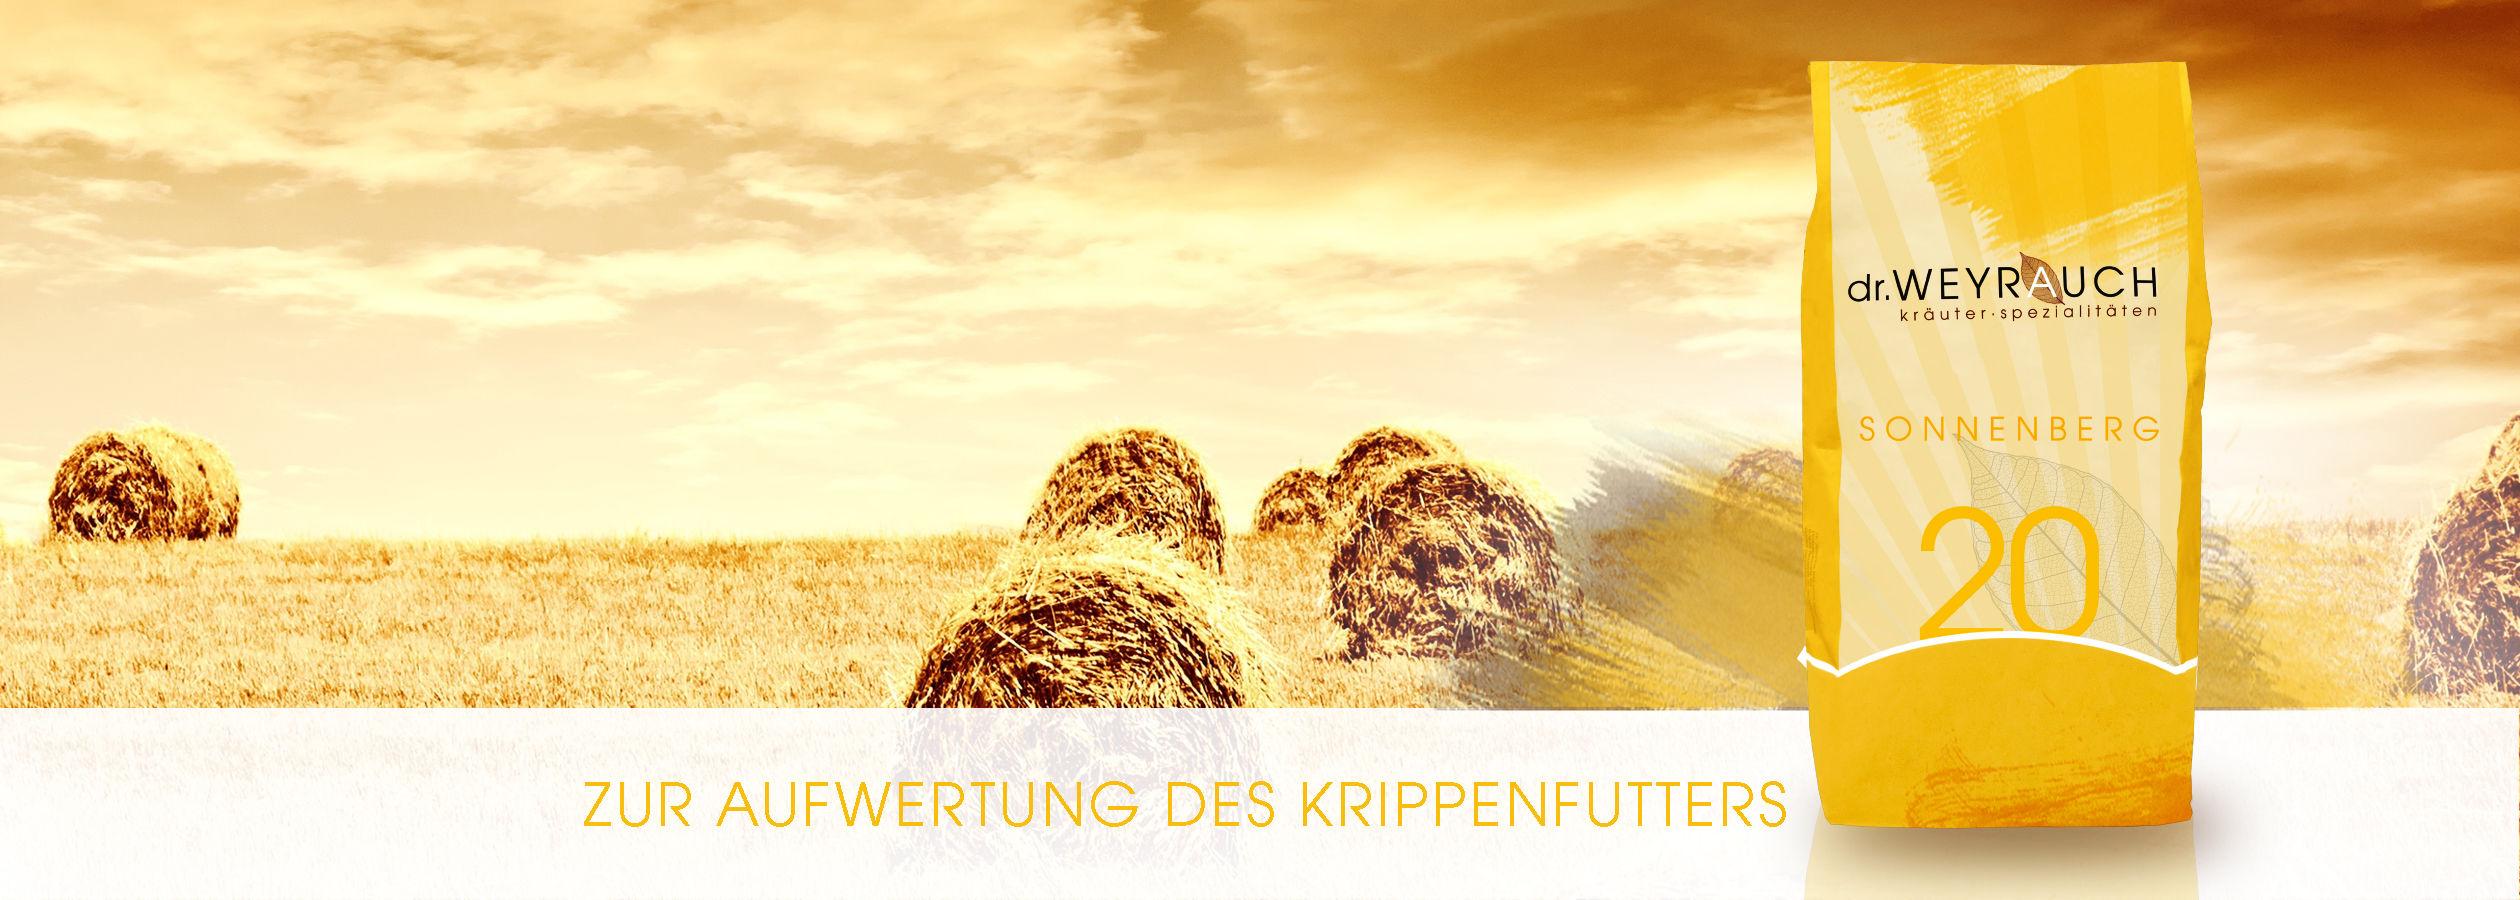 HEADER-2017-Sonnenberg-Pferd